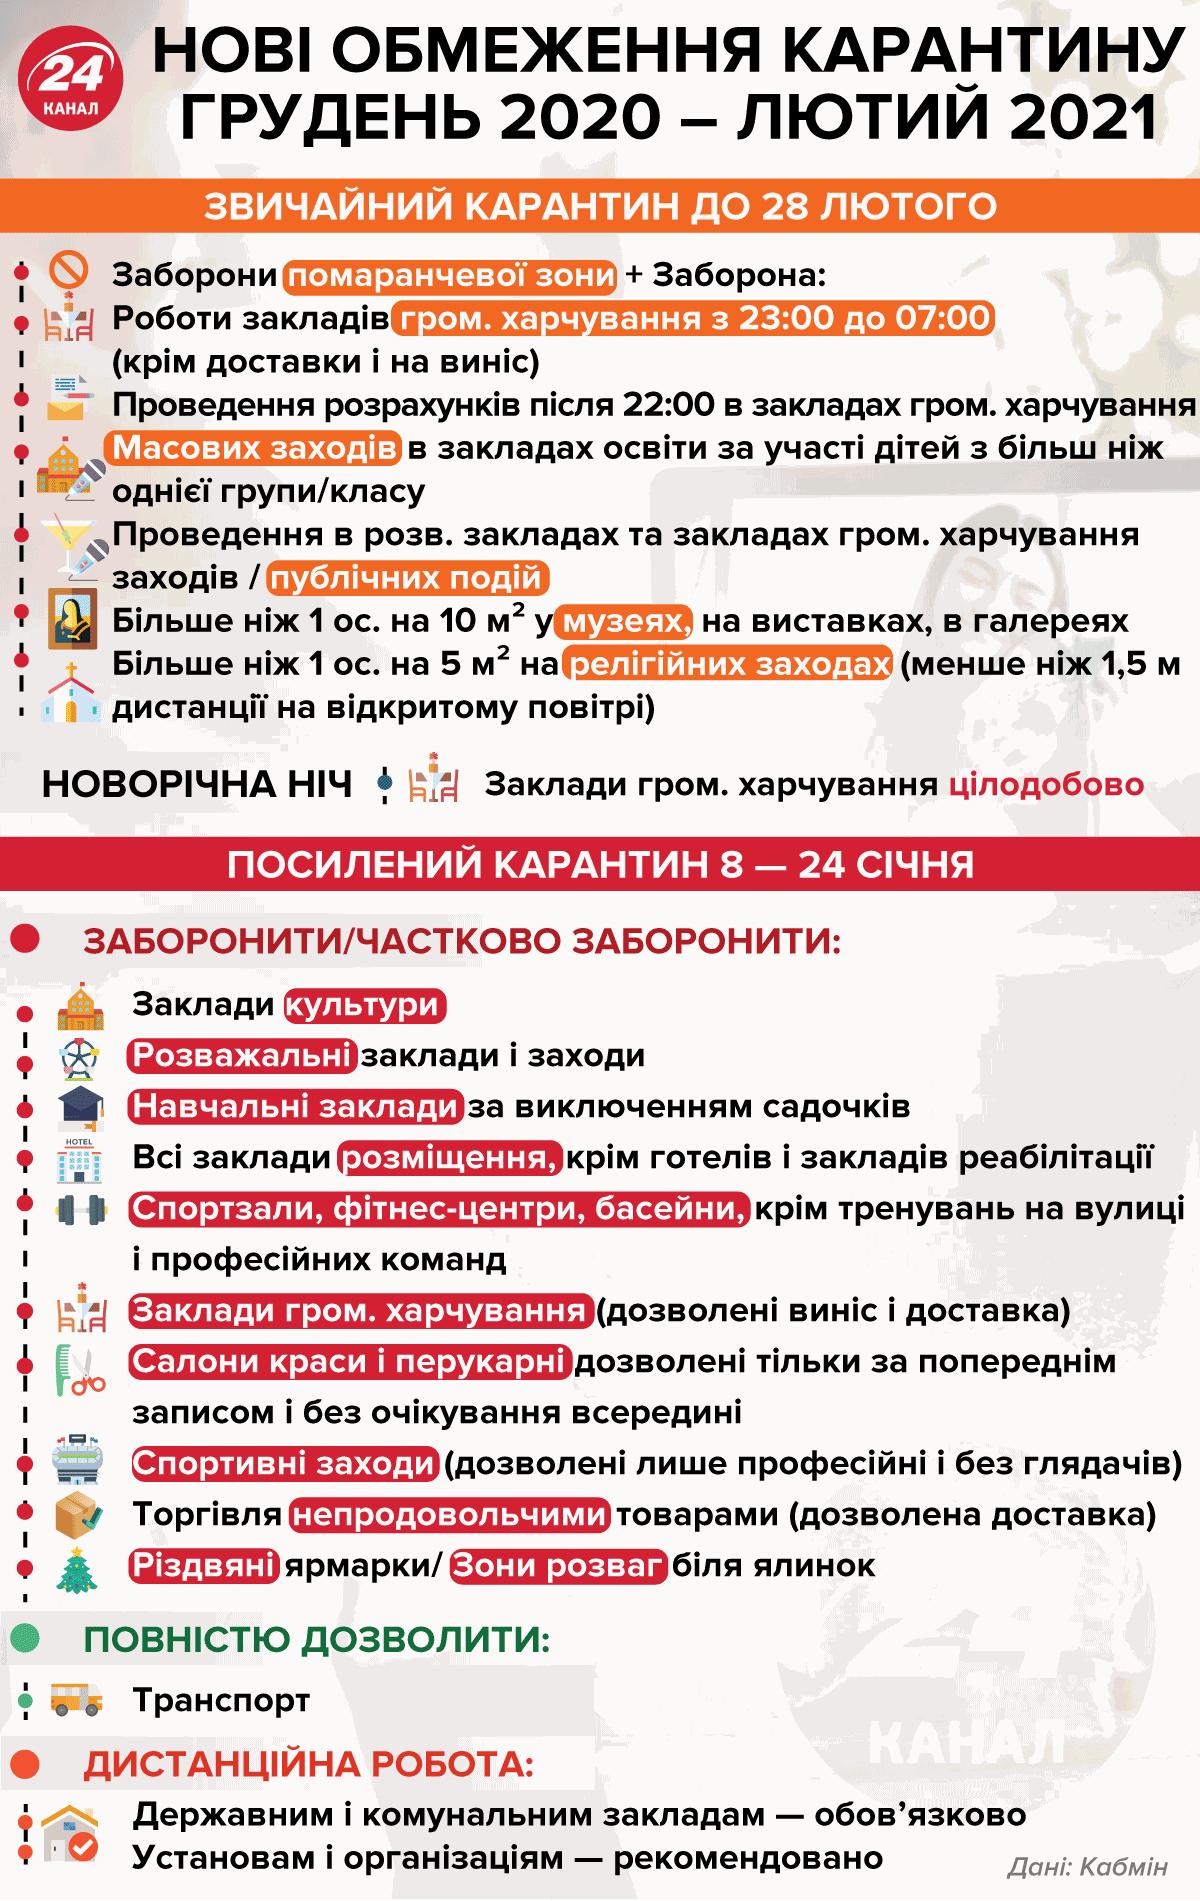 Локдаун в січні в Україні